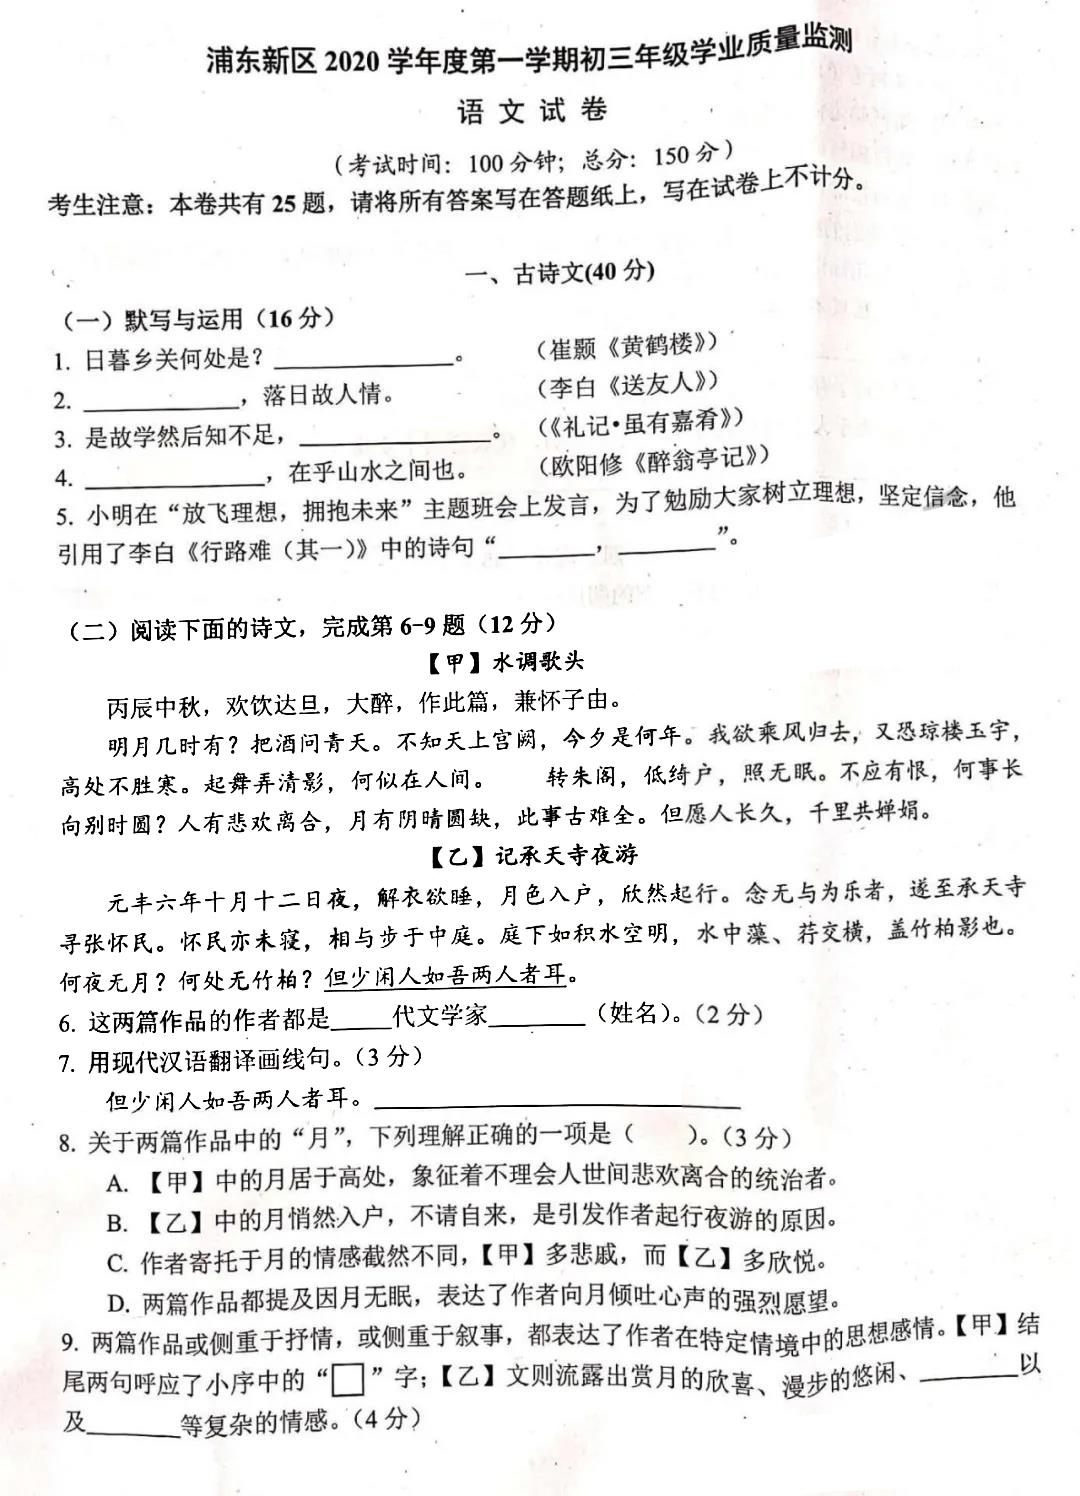 2021上海浦东新区一模语文试题及答案(初三期末)